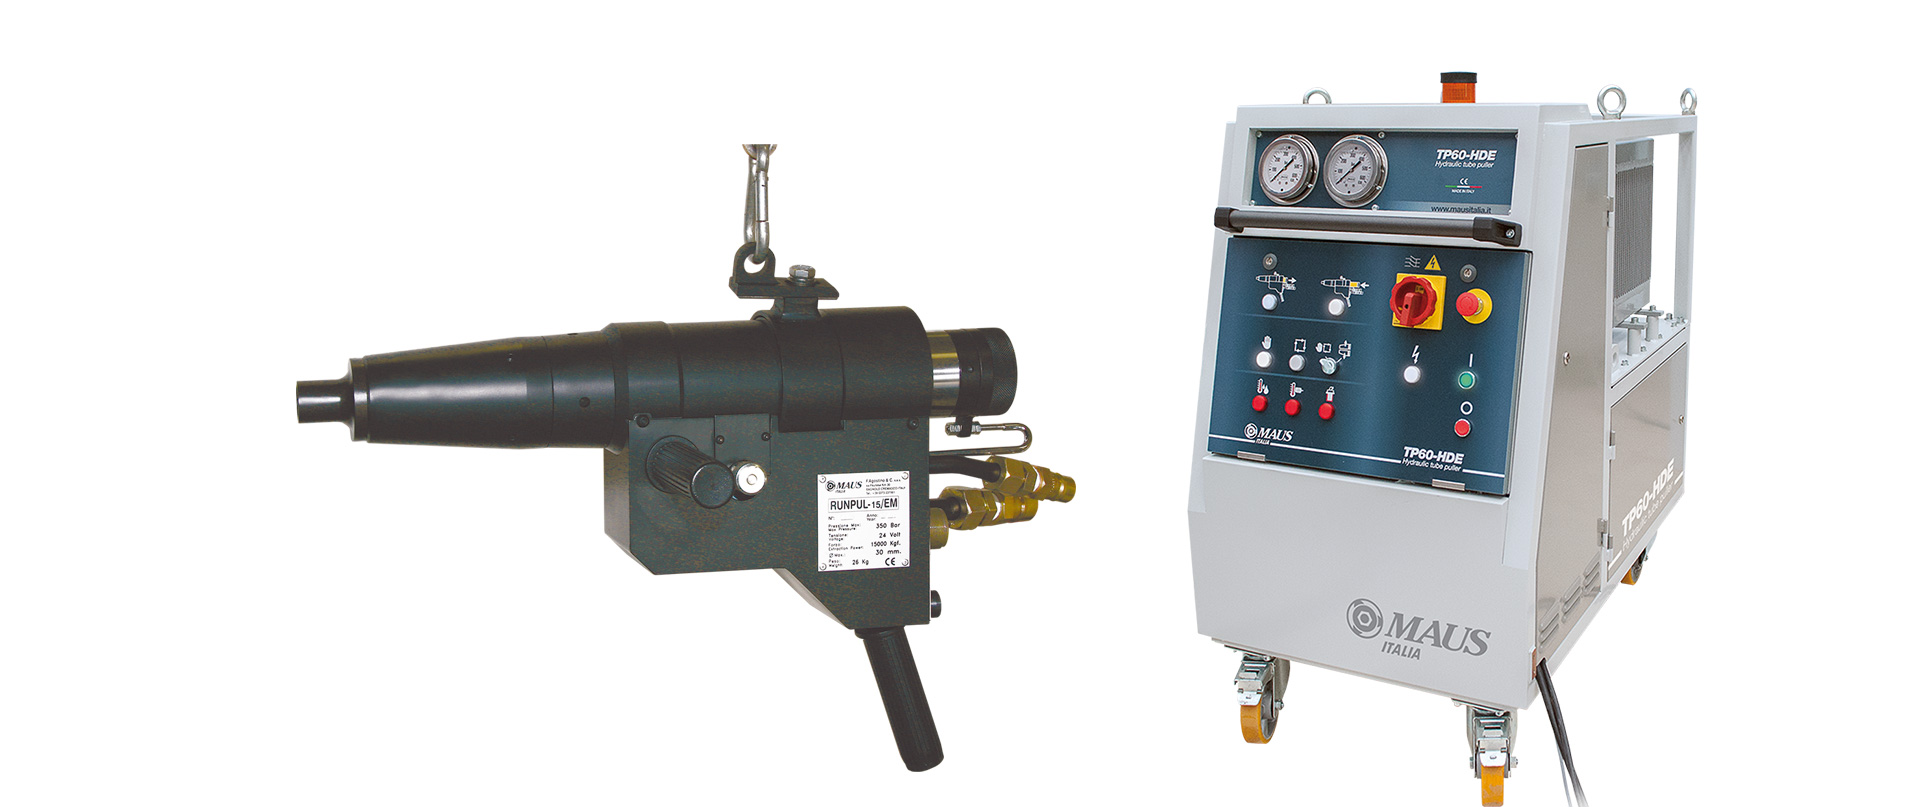 Maus italia estrattore di tubi runpul for Tipi di tubi utilizzati nell impianto idraulico